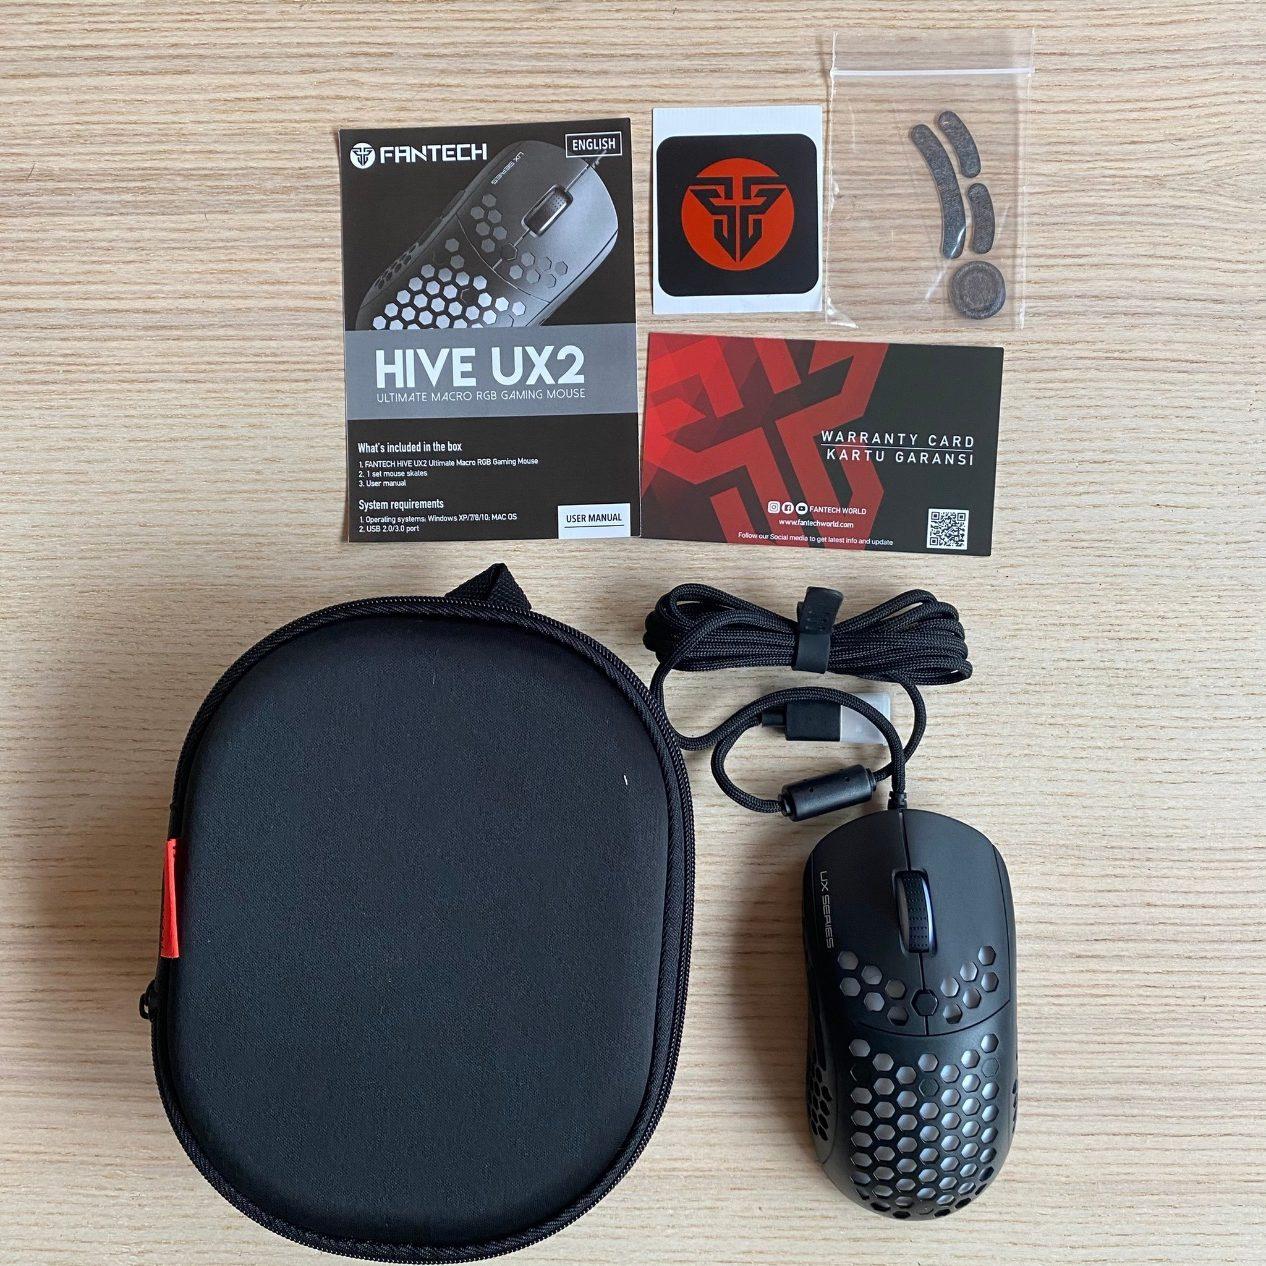 FANTECH UX2 HIVE電競滑鼠完整配件